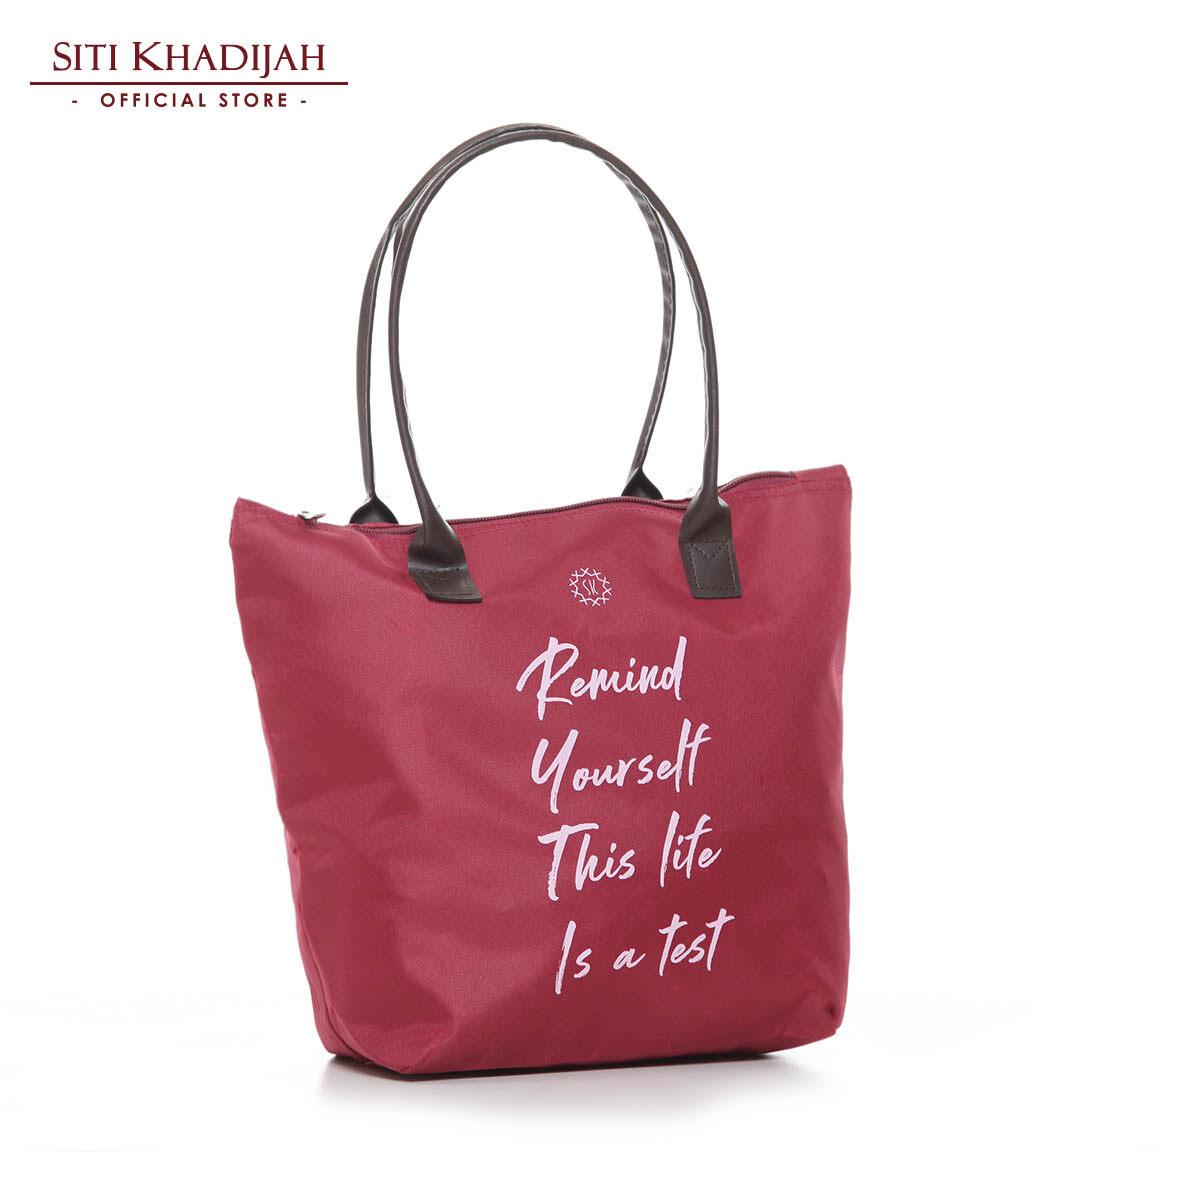 Siti Khadijah Tote Bag Remind